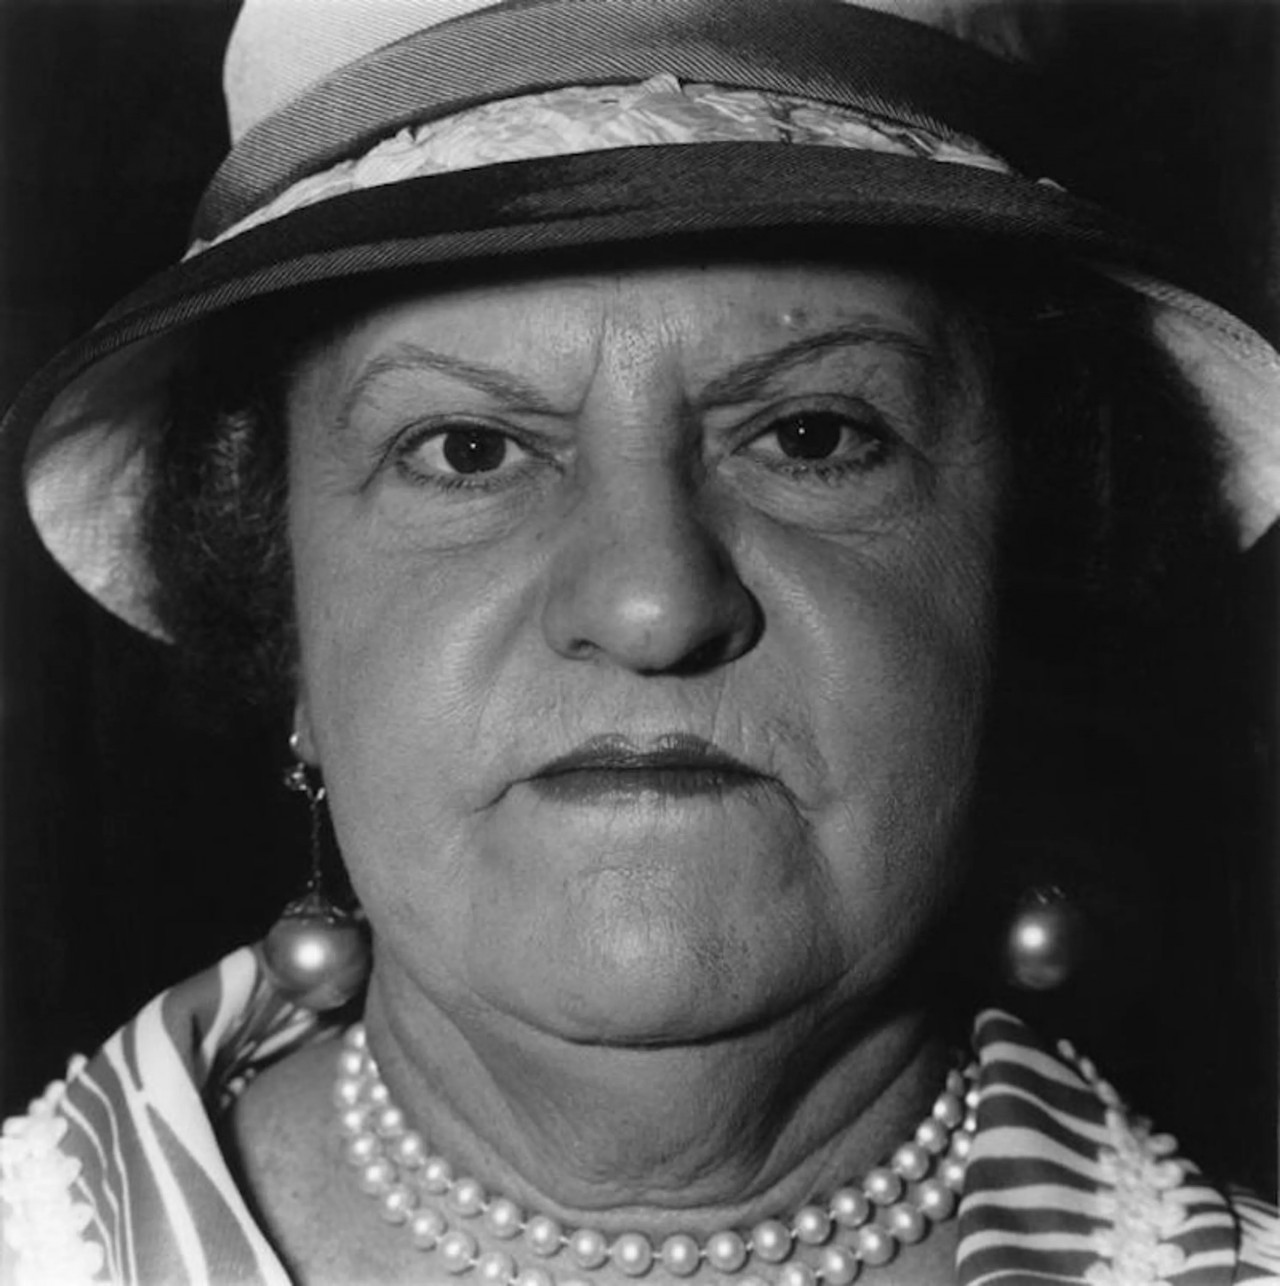 Женщина с жемчужным ожерельем и серьгами, Нью-Йорк, 1967. Фотограф Диана Арбус